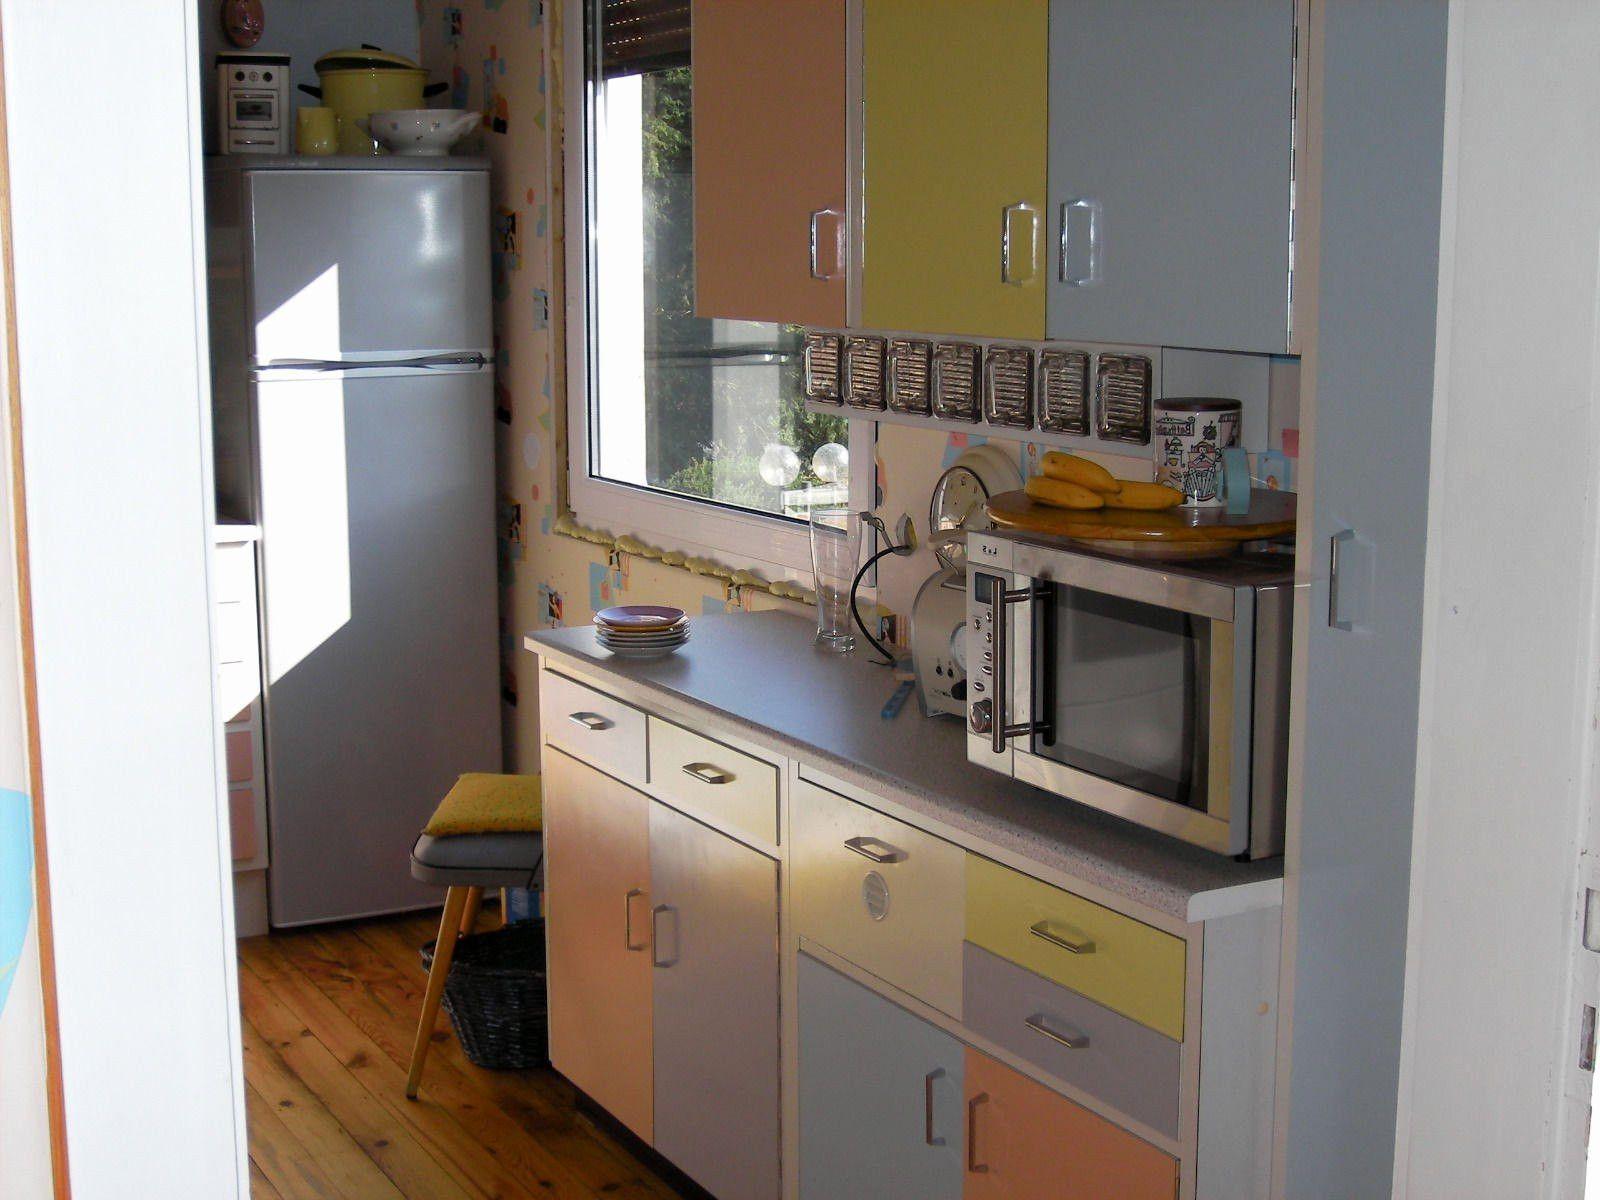 Einbaukuche Gebraucht Kaufen Beautiful Einbaukuche Gebraucht Kaufen Neu Atemberaubend Gebrauchte Kuche Kaufen Kleine Kuche Kuchendesign